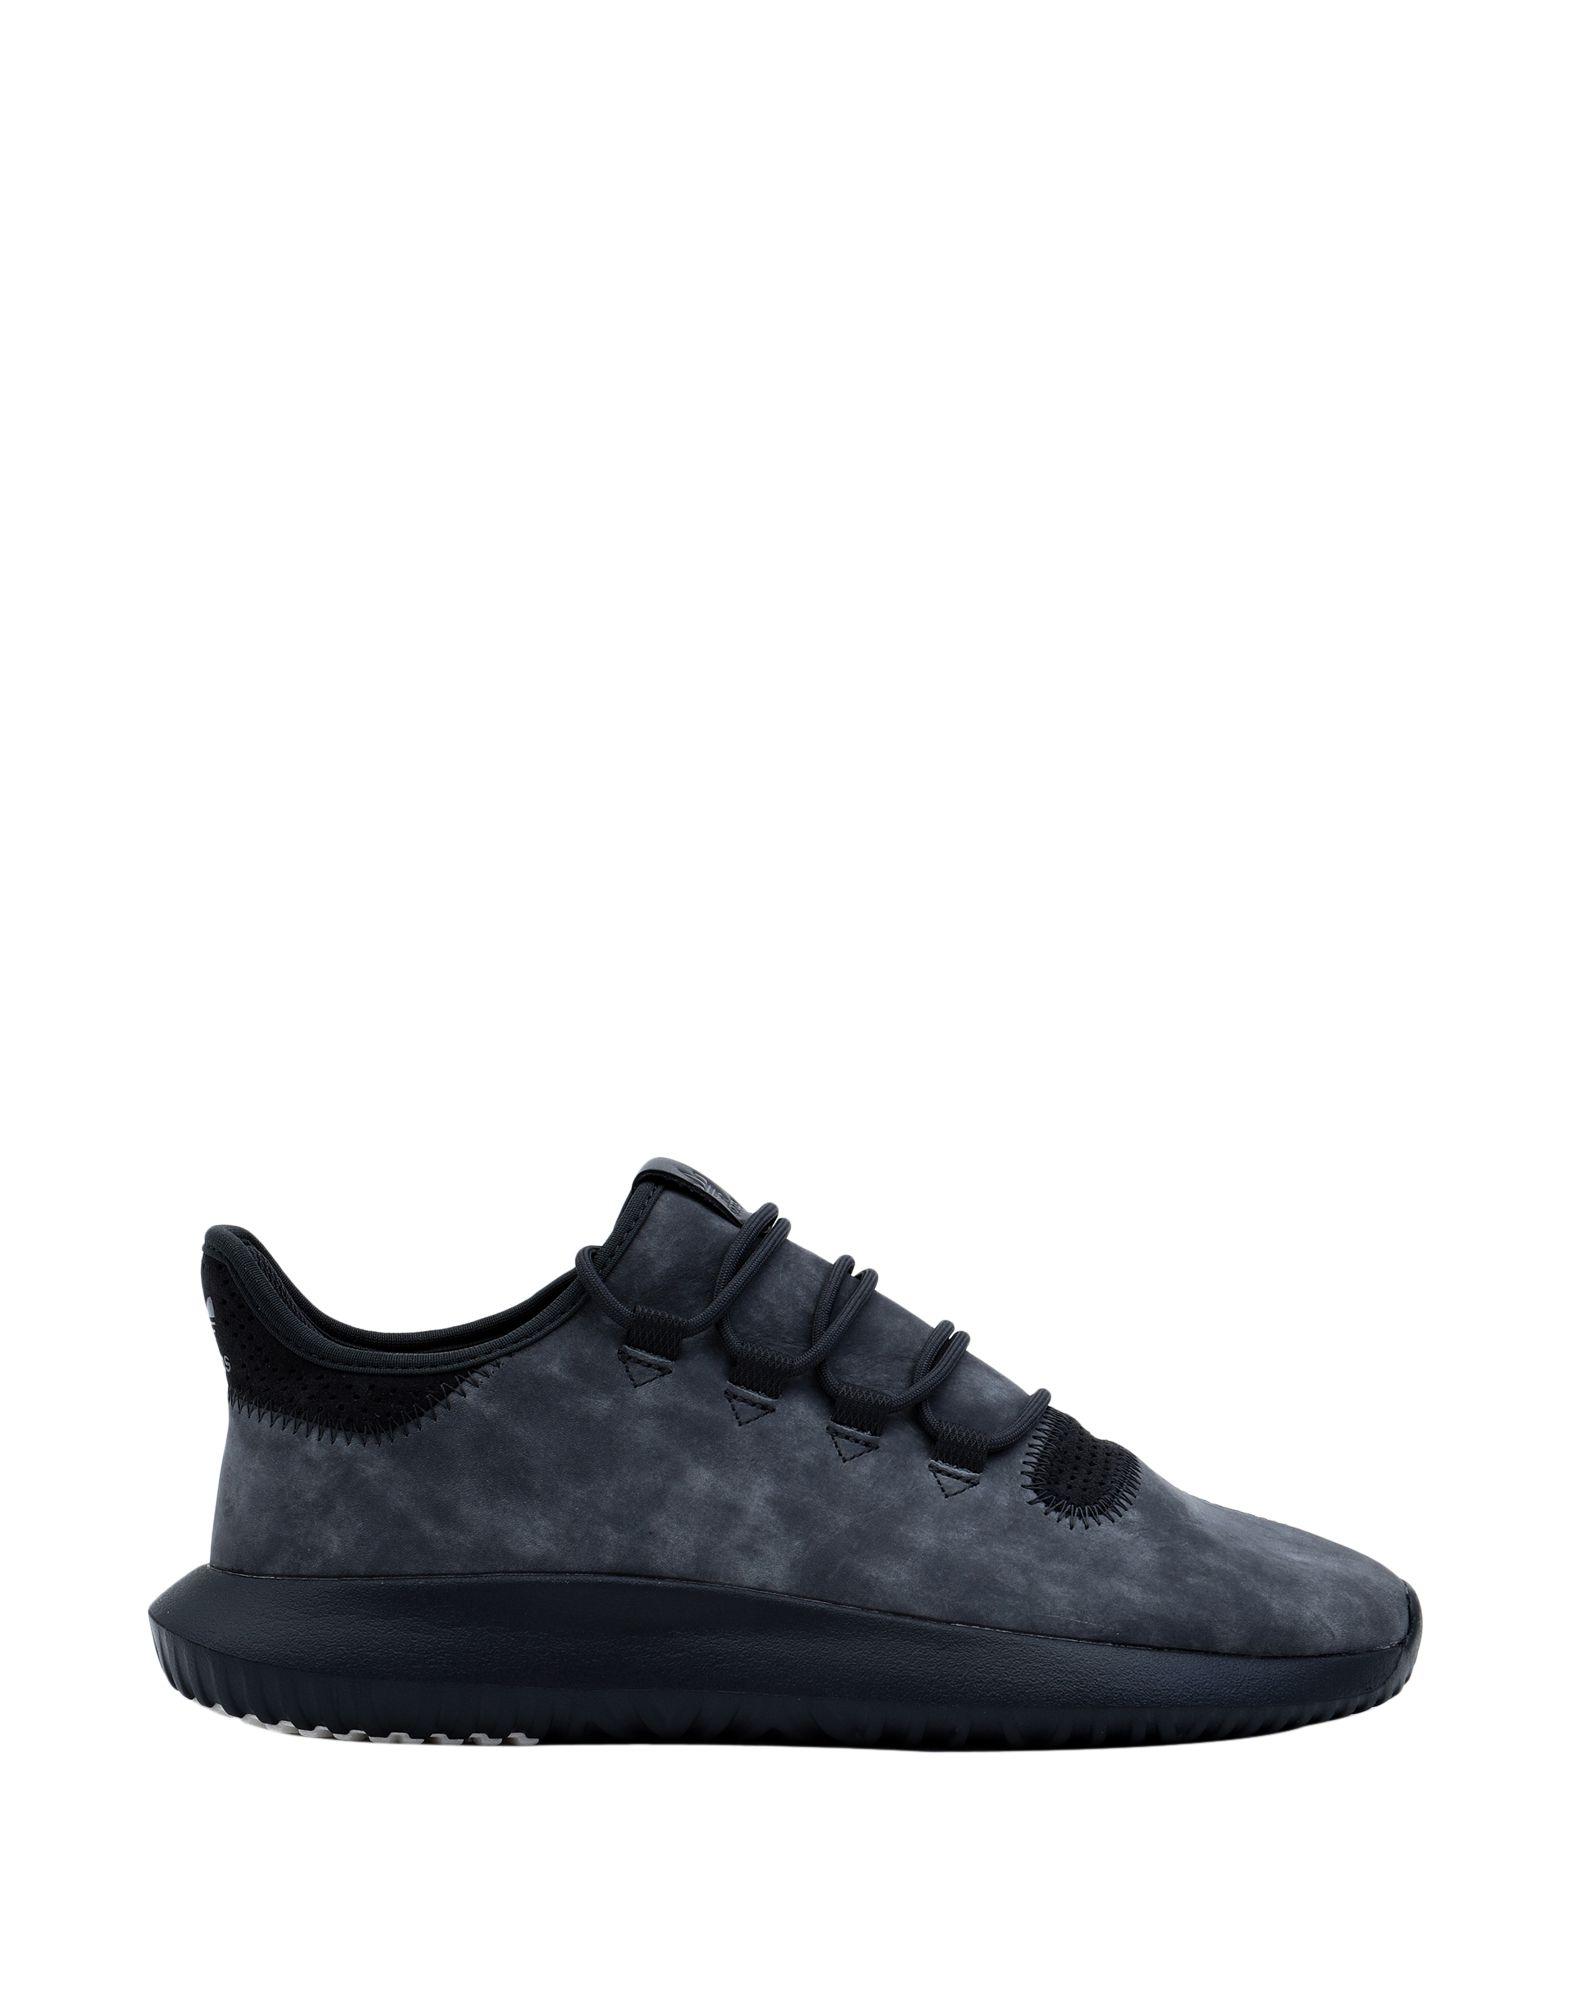 Adidas Originals Tubular Tubular Tubular Shadow - Sneakers - Men Adidas Originals Sneakers online on  Australia - 11573090BJ 0a85b1